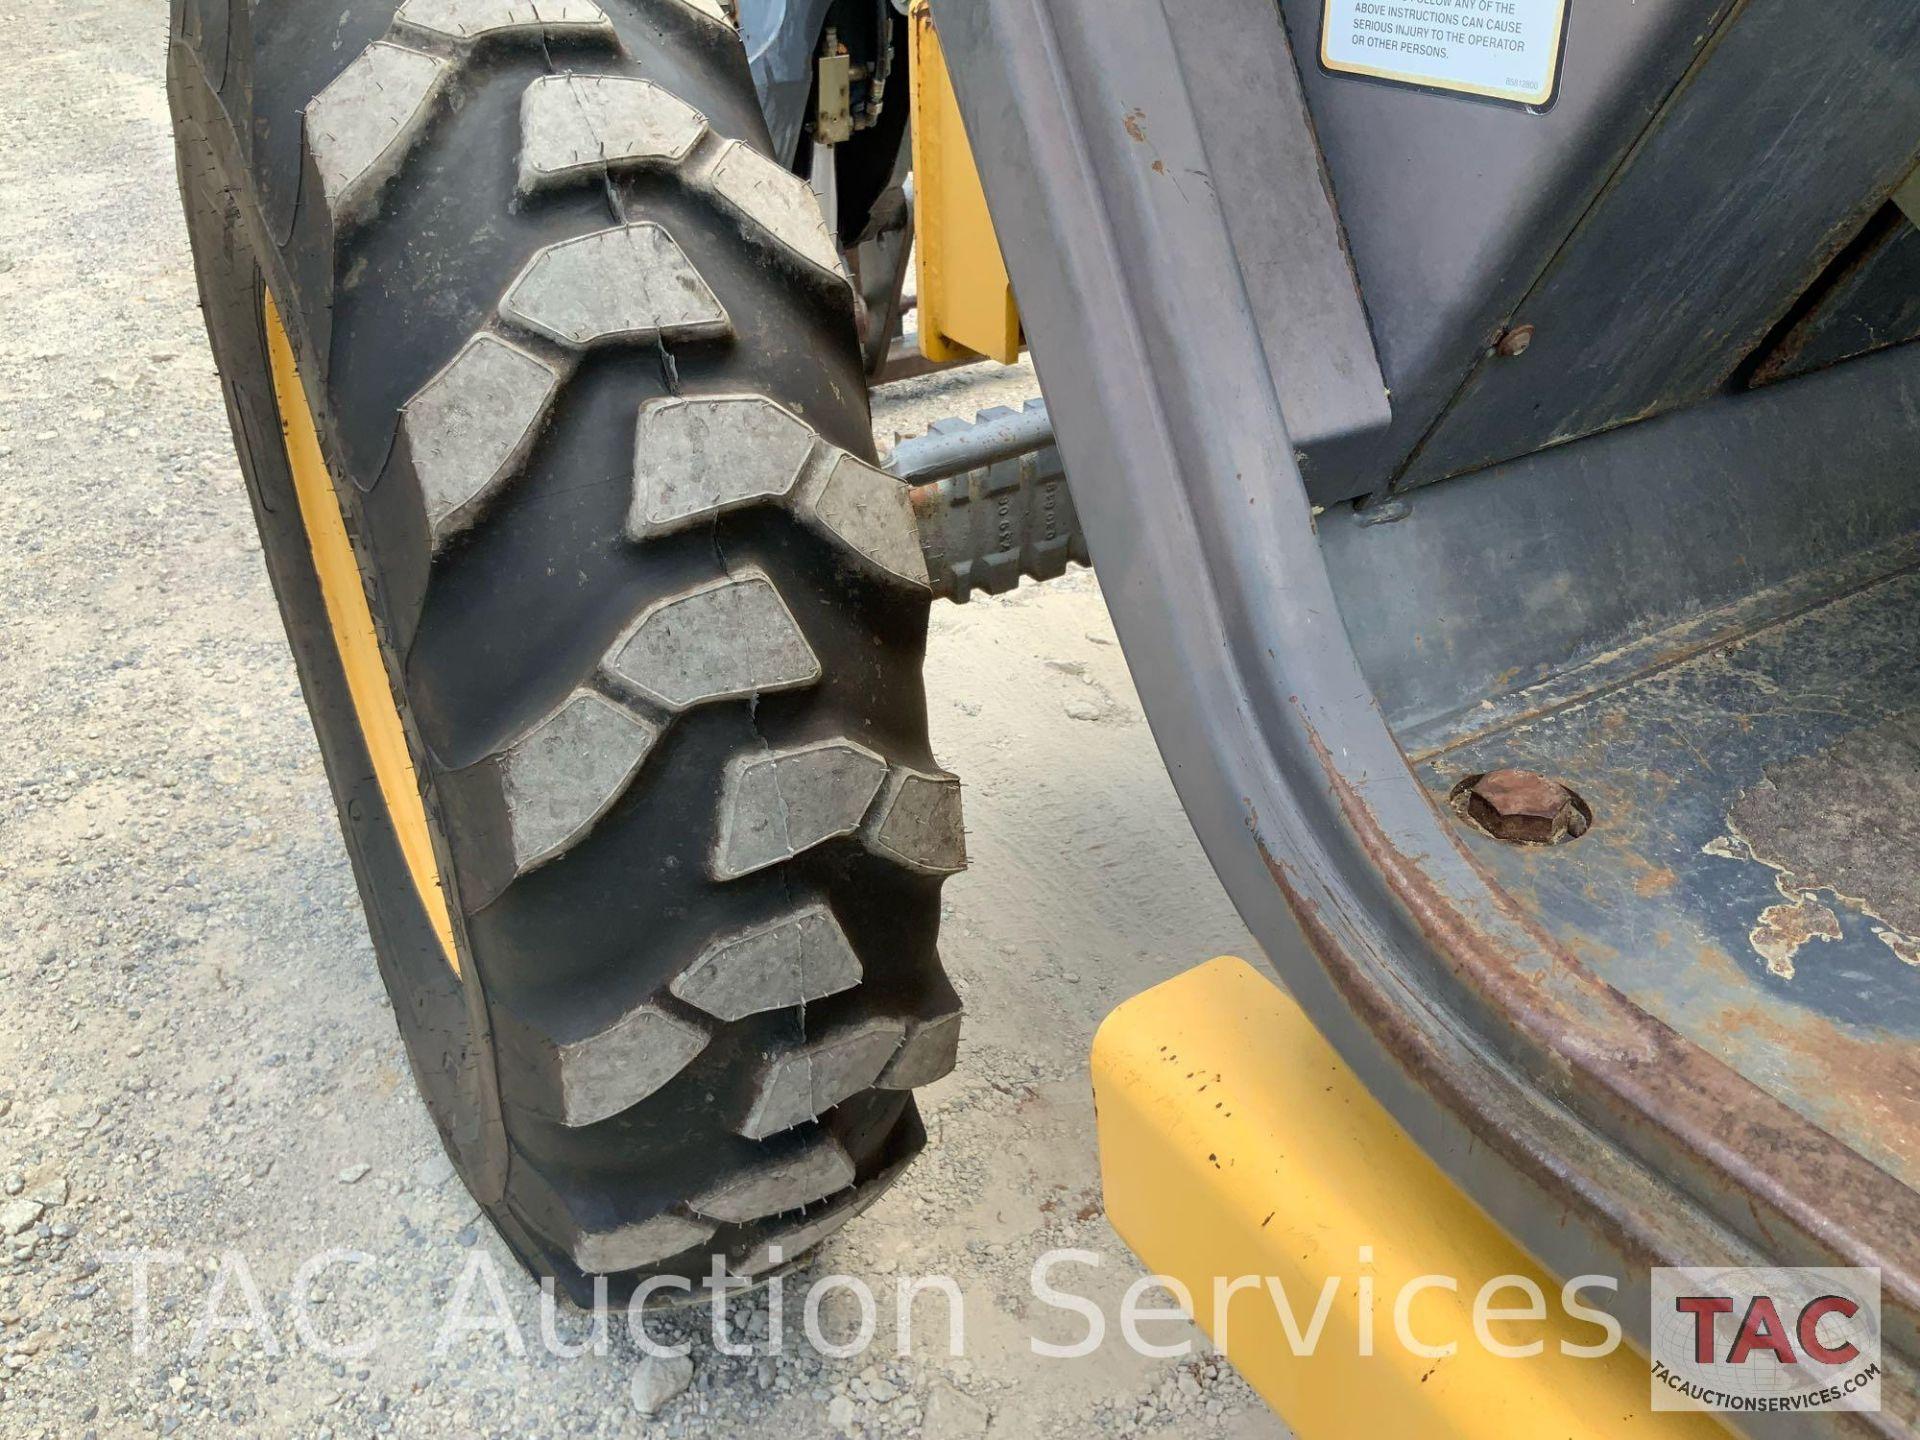 1999 New Holland LM840 Telehandler Forklift - Image 17 of 25